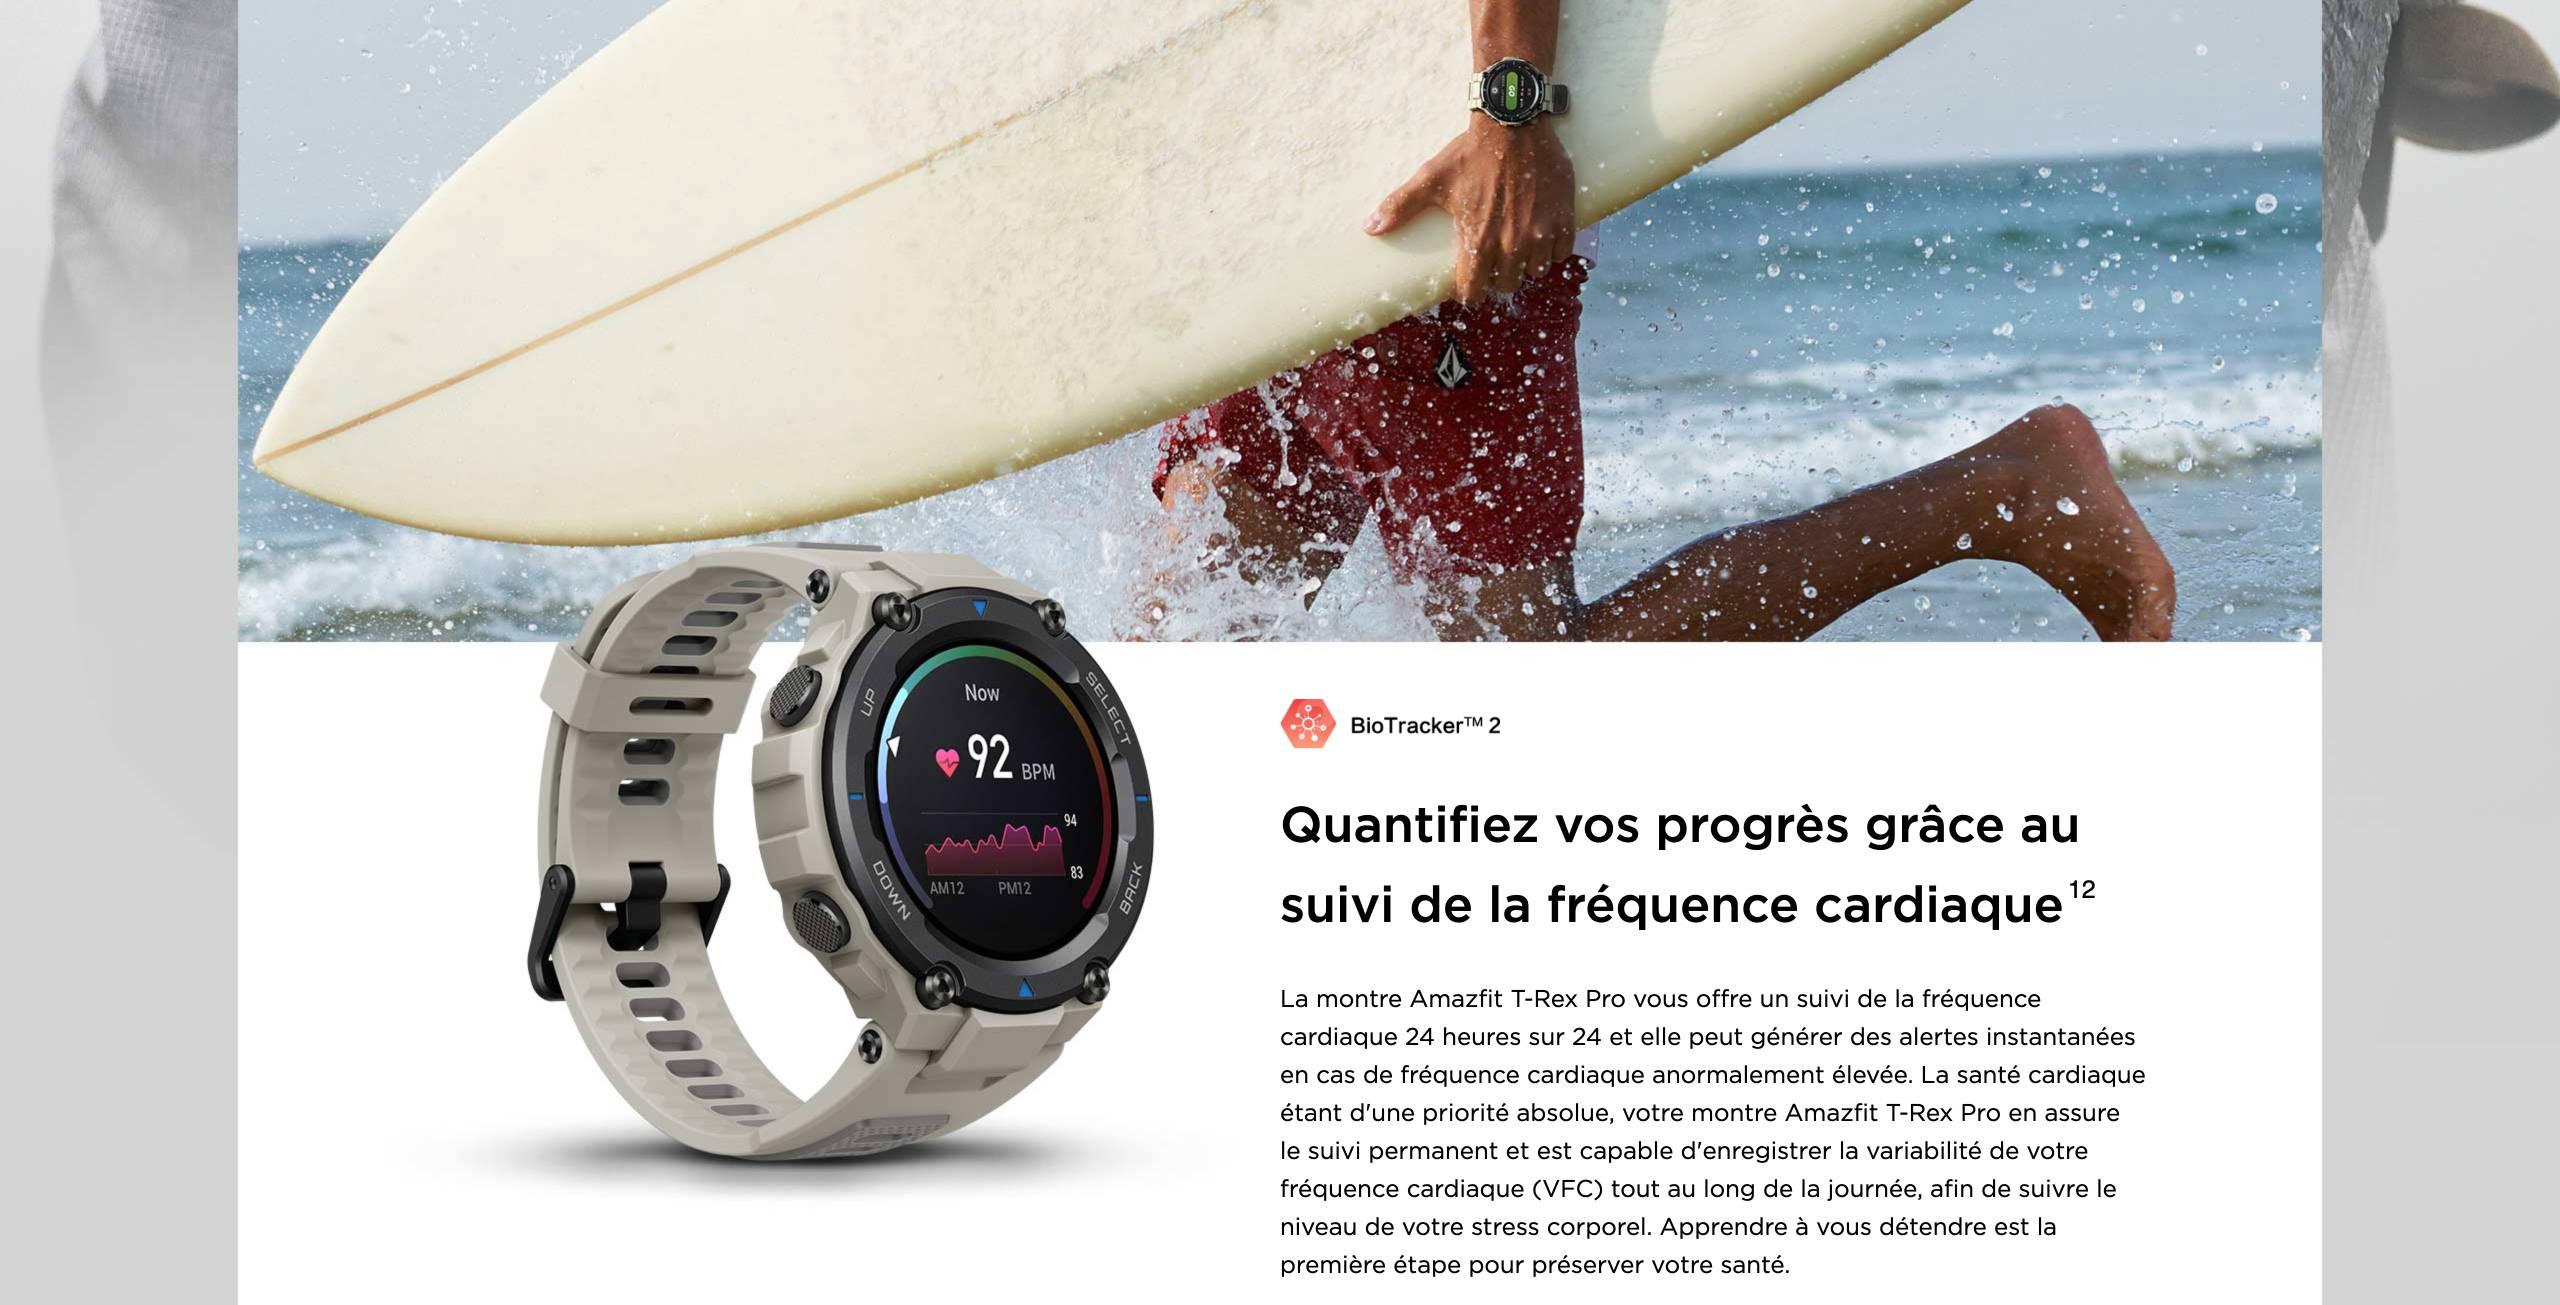 Amzfit T-Rex Pro - Quantifiez vos progrès grâce au suivi de la fréquence cardiaque.